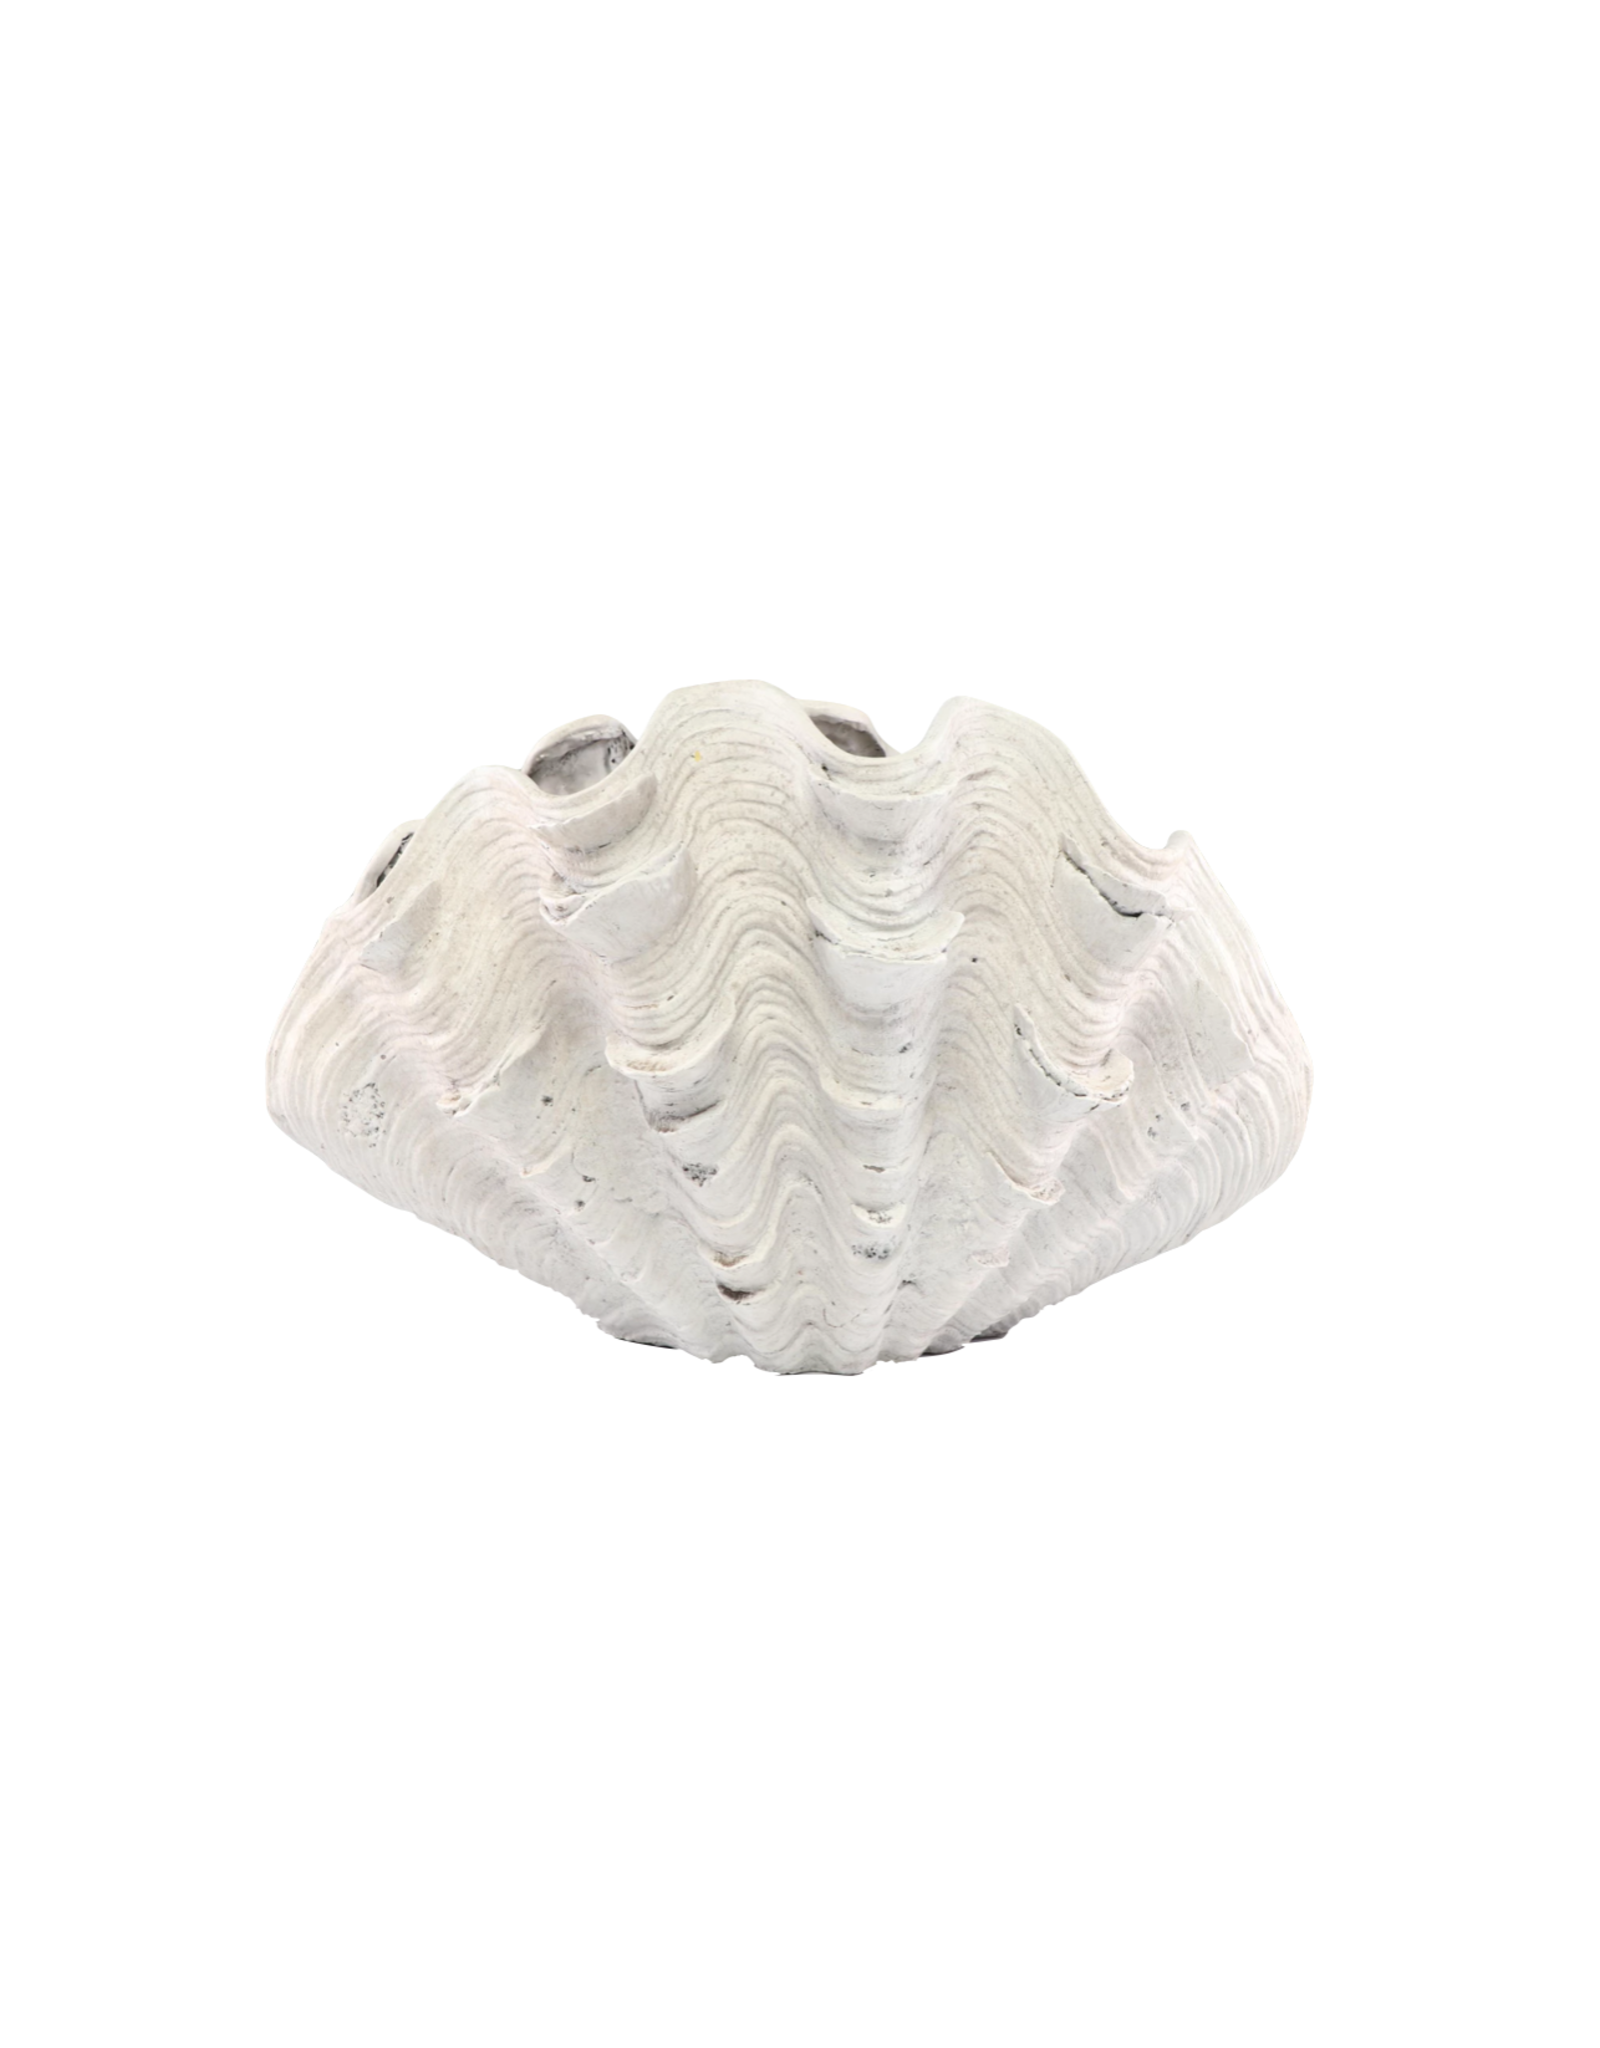 Contemporary Plaster Clam Shaped Planter